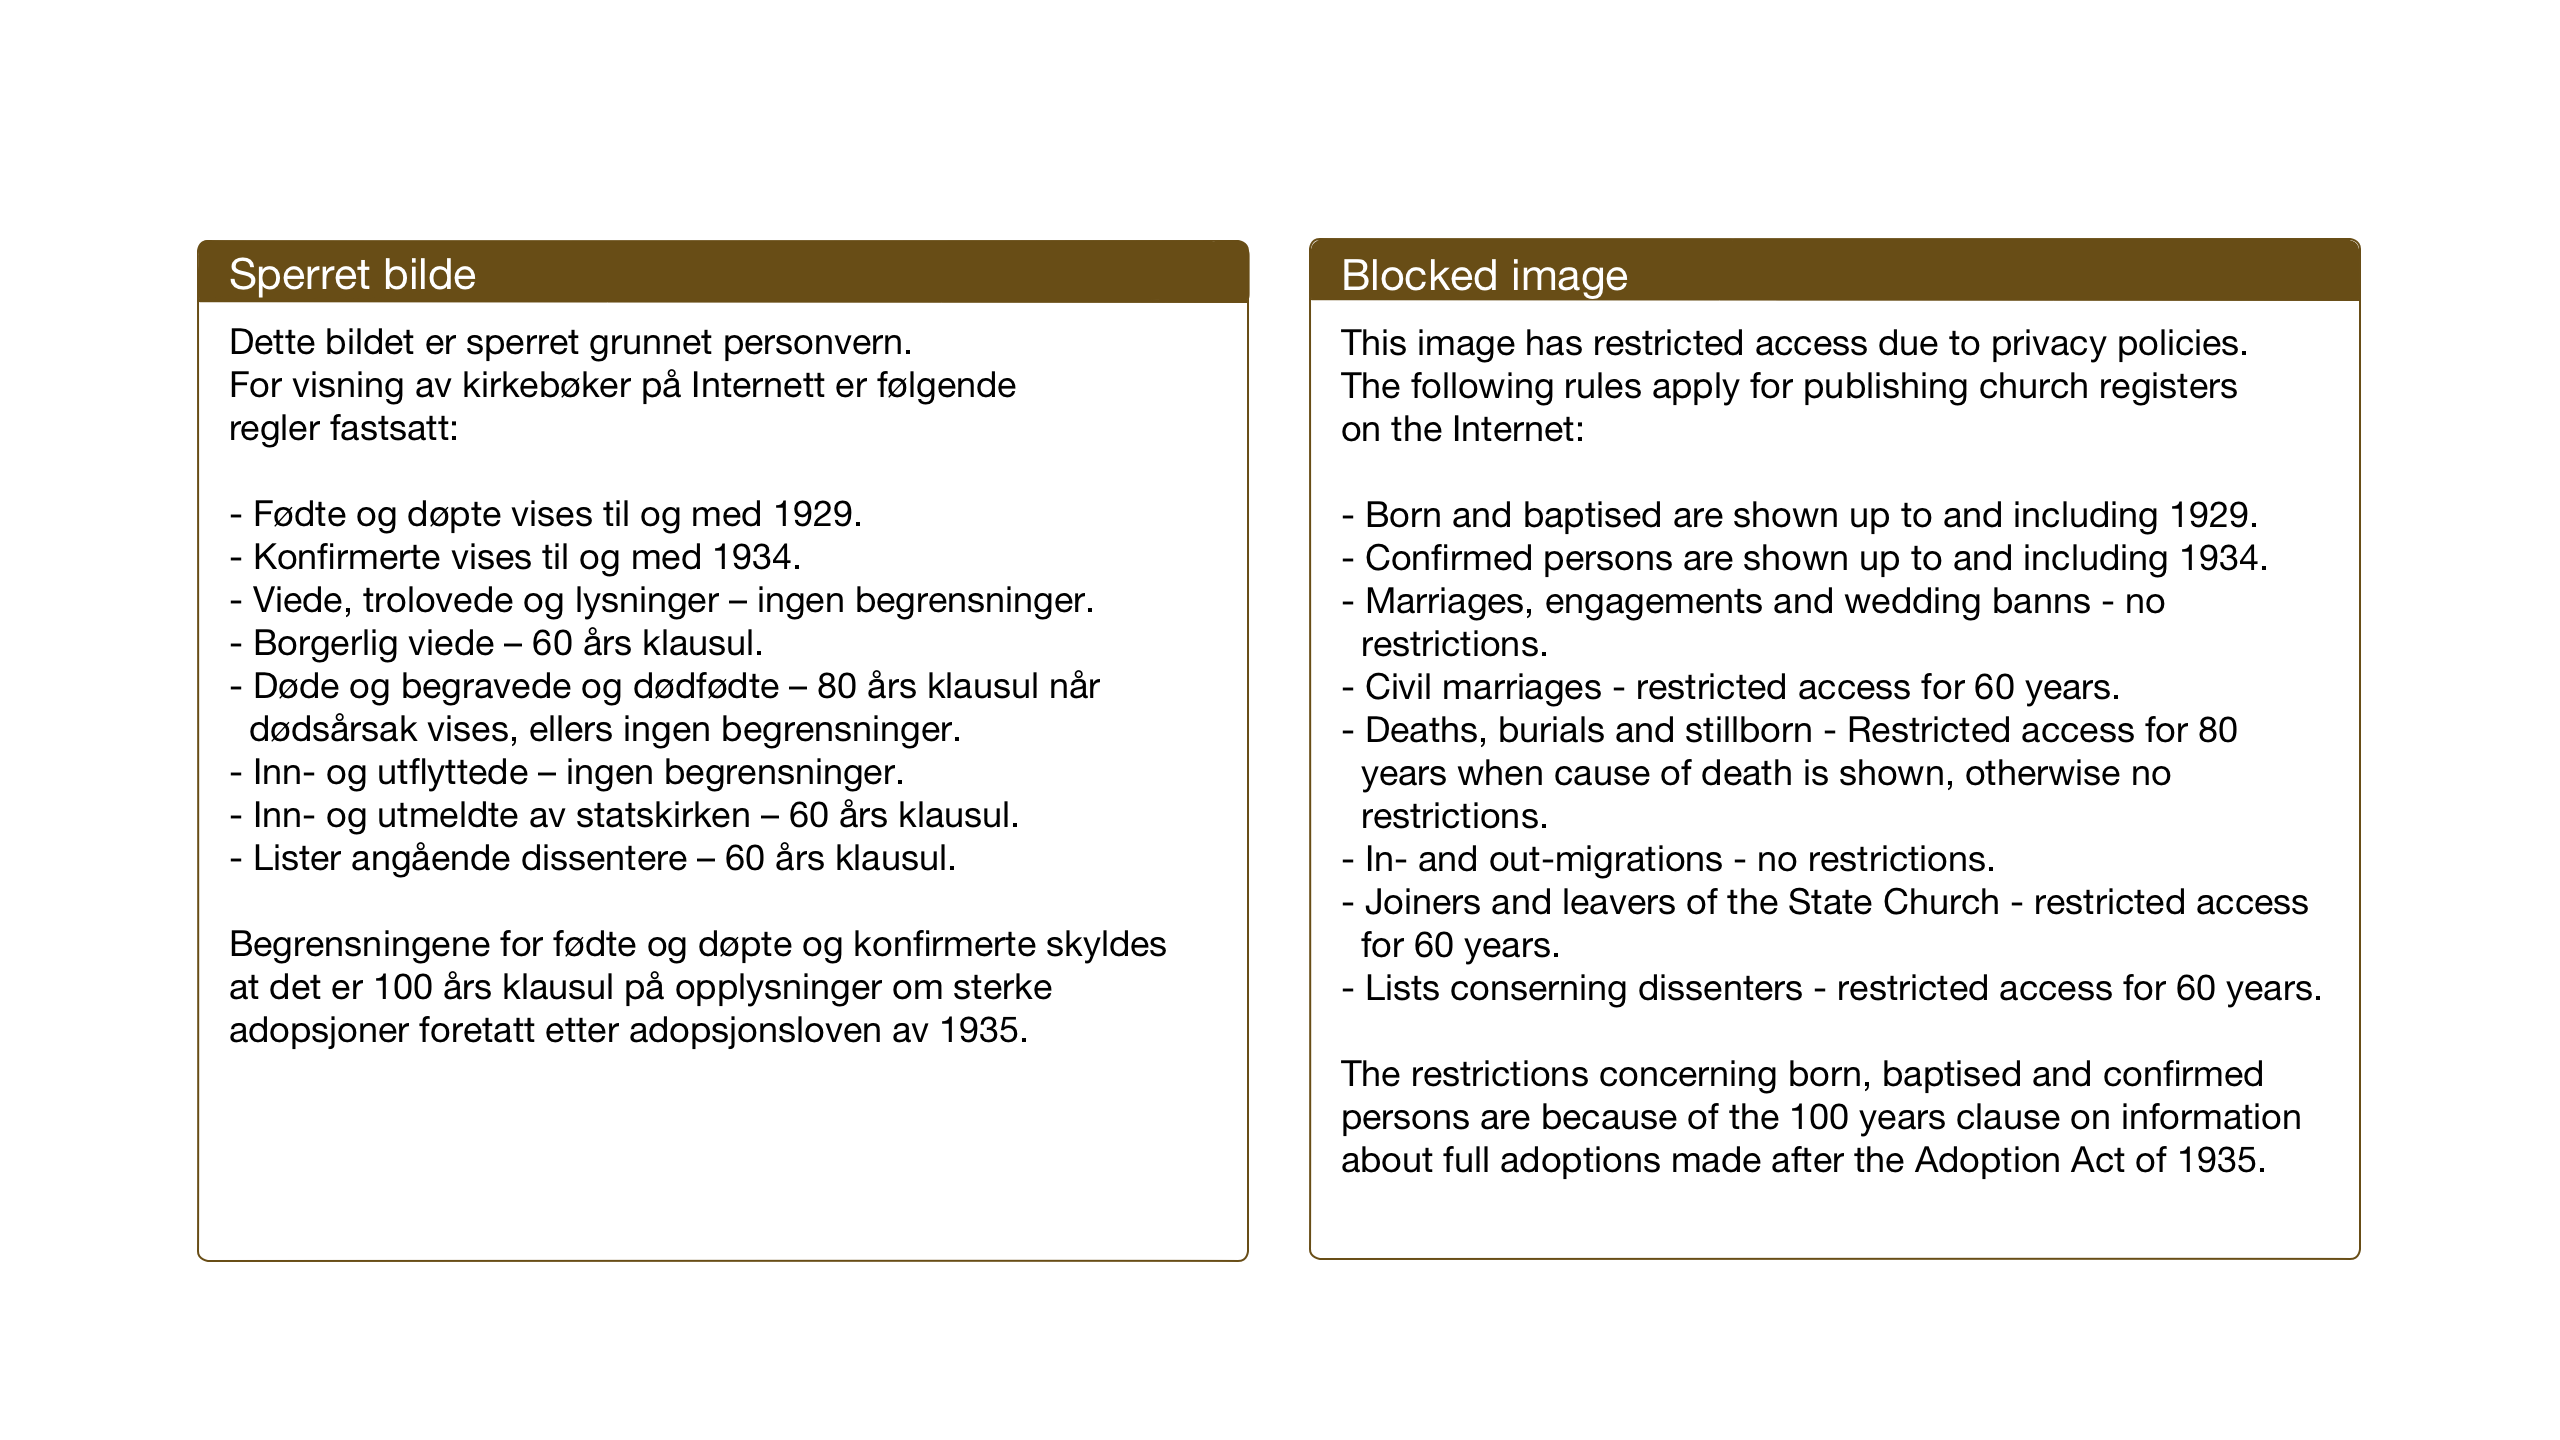 SAT, Ministerialprotokoller, klokkerbøker og fødselsregistre - Sør-Trøndelag, 669/L0833: Klokkerbok nr. 669C03, 1945-1950, s. 102